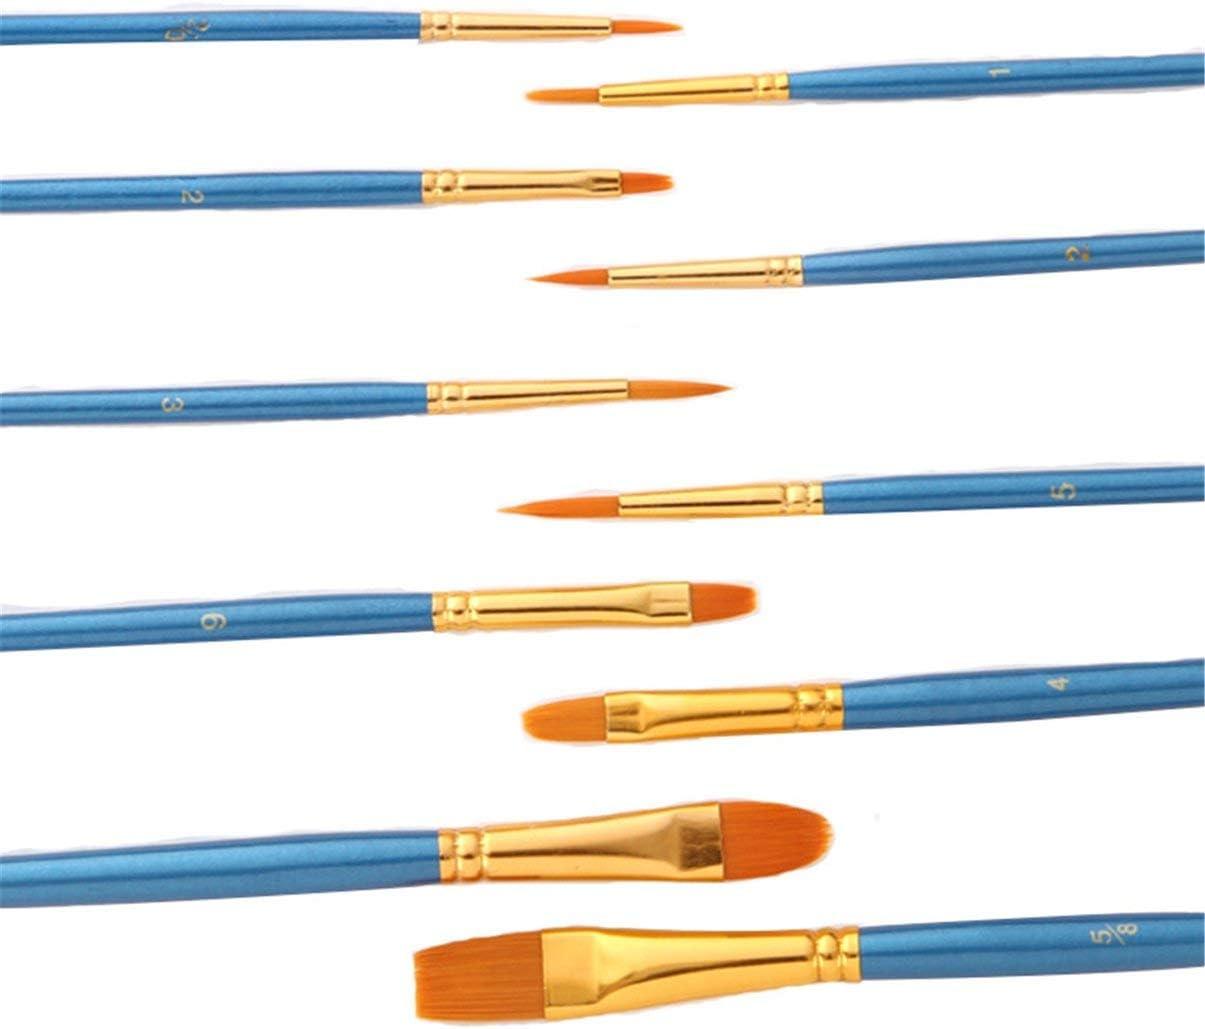 LoveOlvidoD 10pcs Set di pennelli in Nylon Blu Perla Set di pennelli in Nylon Pennello per Capelli in Nylon variet/à Stile Pennello per Pittura a Olio in Acrilico Pen-Pearl Blue